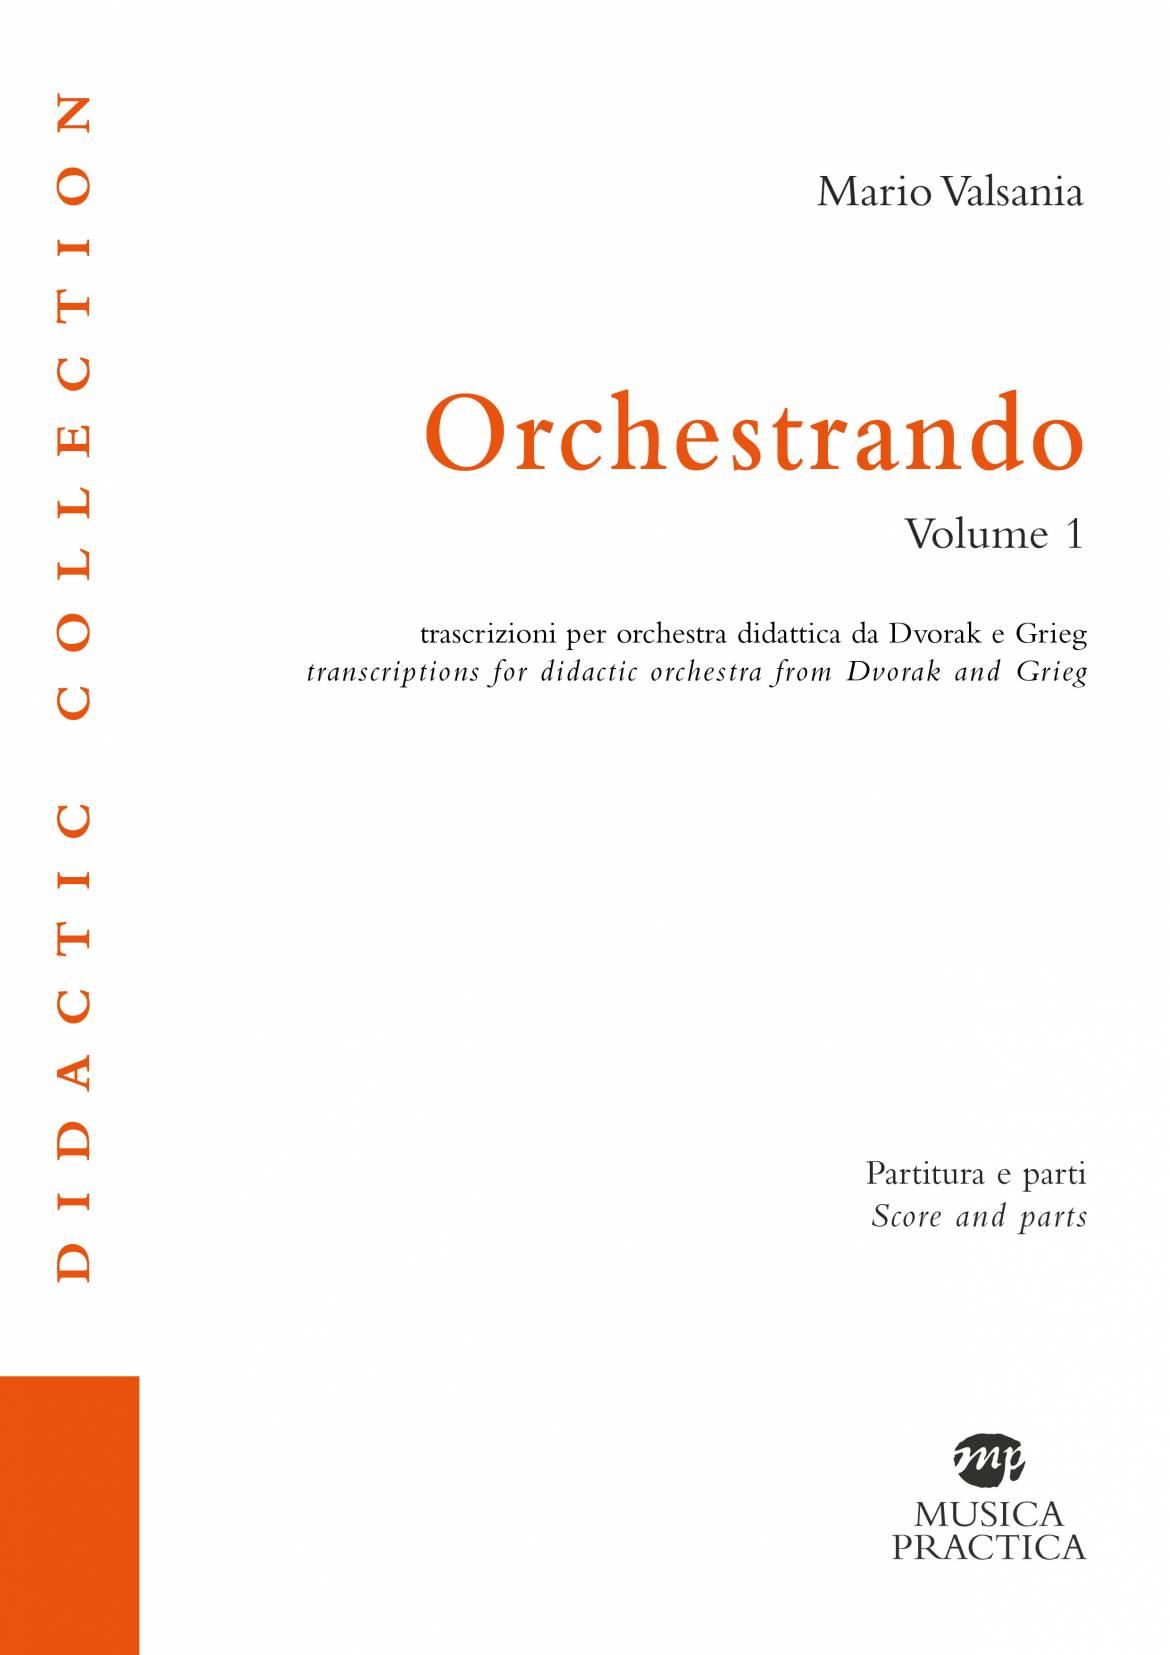 MP136_Orchestrando-vol1_copertina.jpg